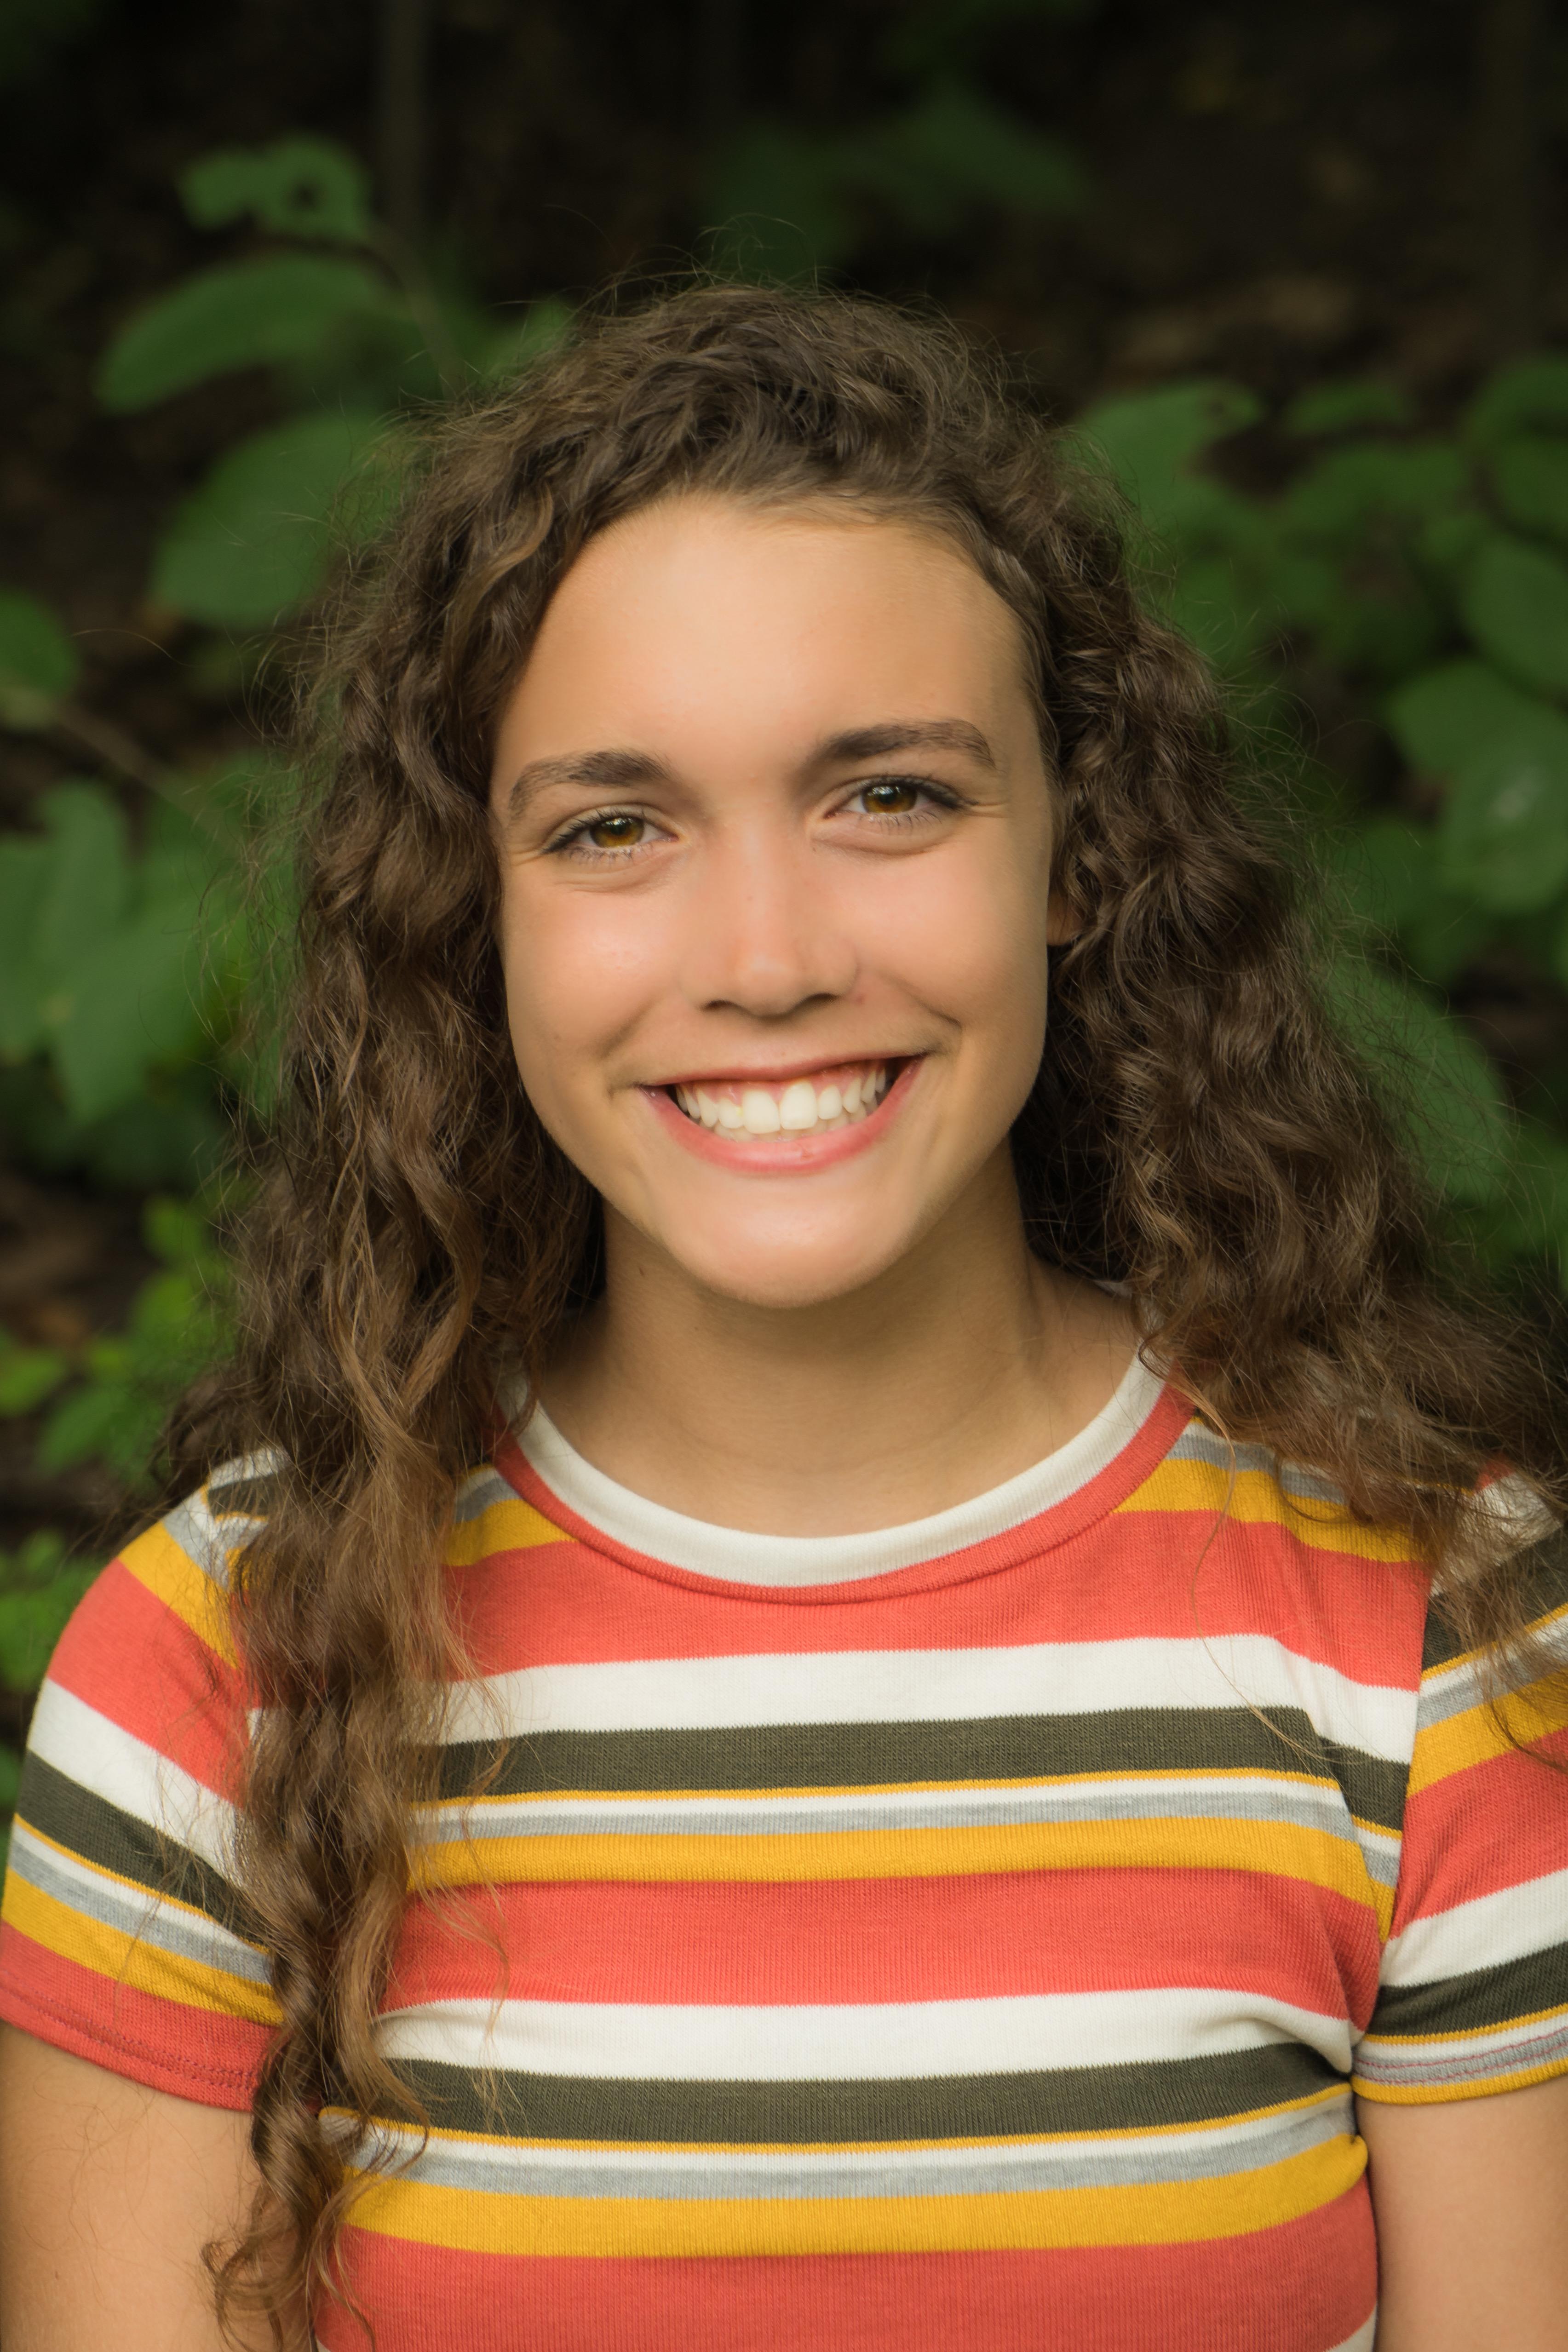 Zoe Stansbury